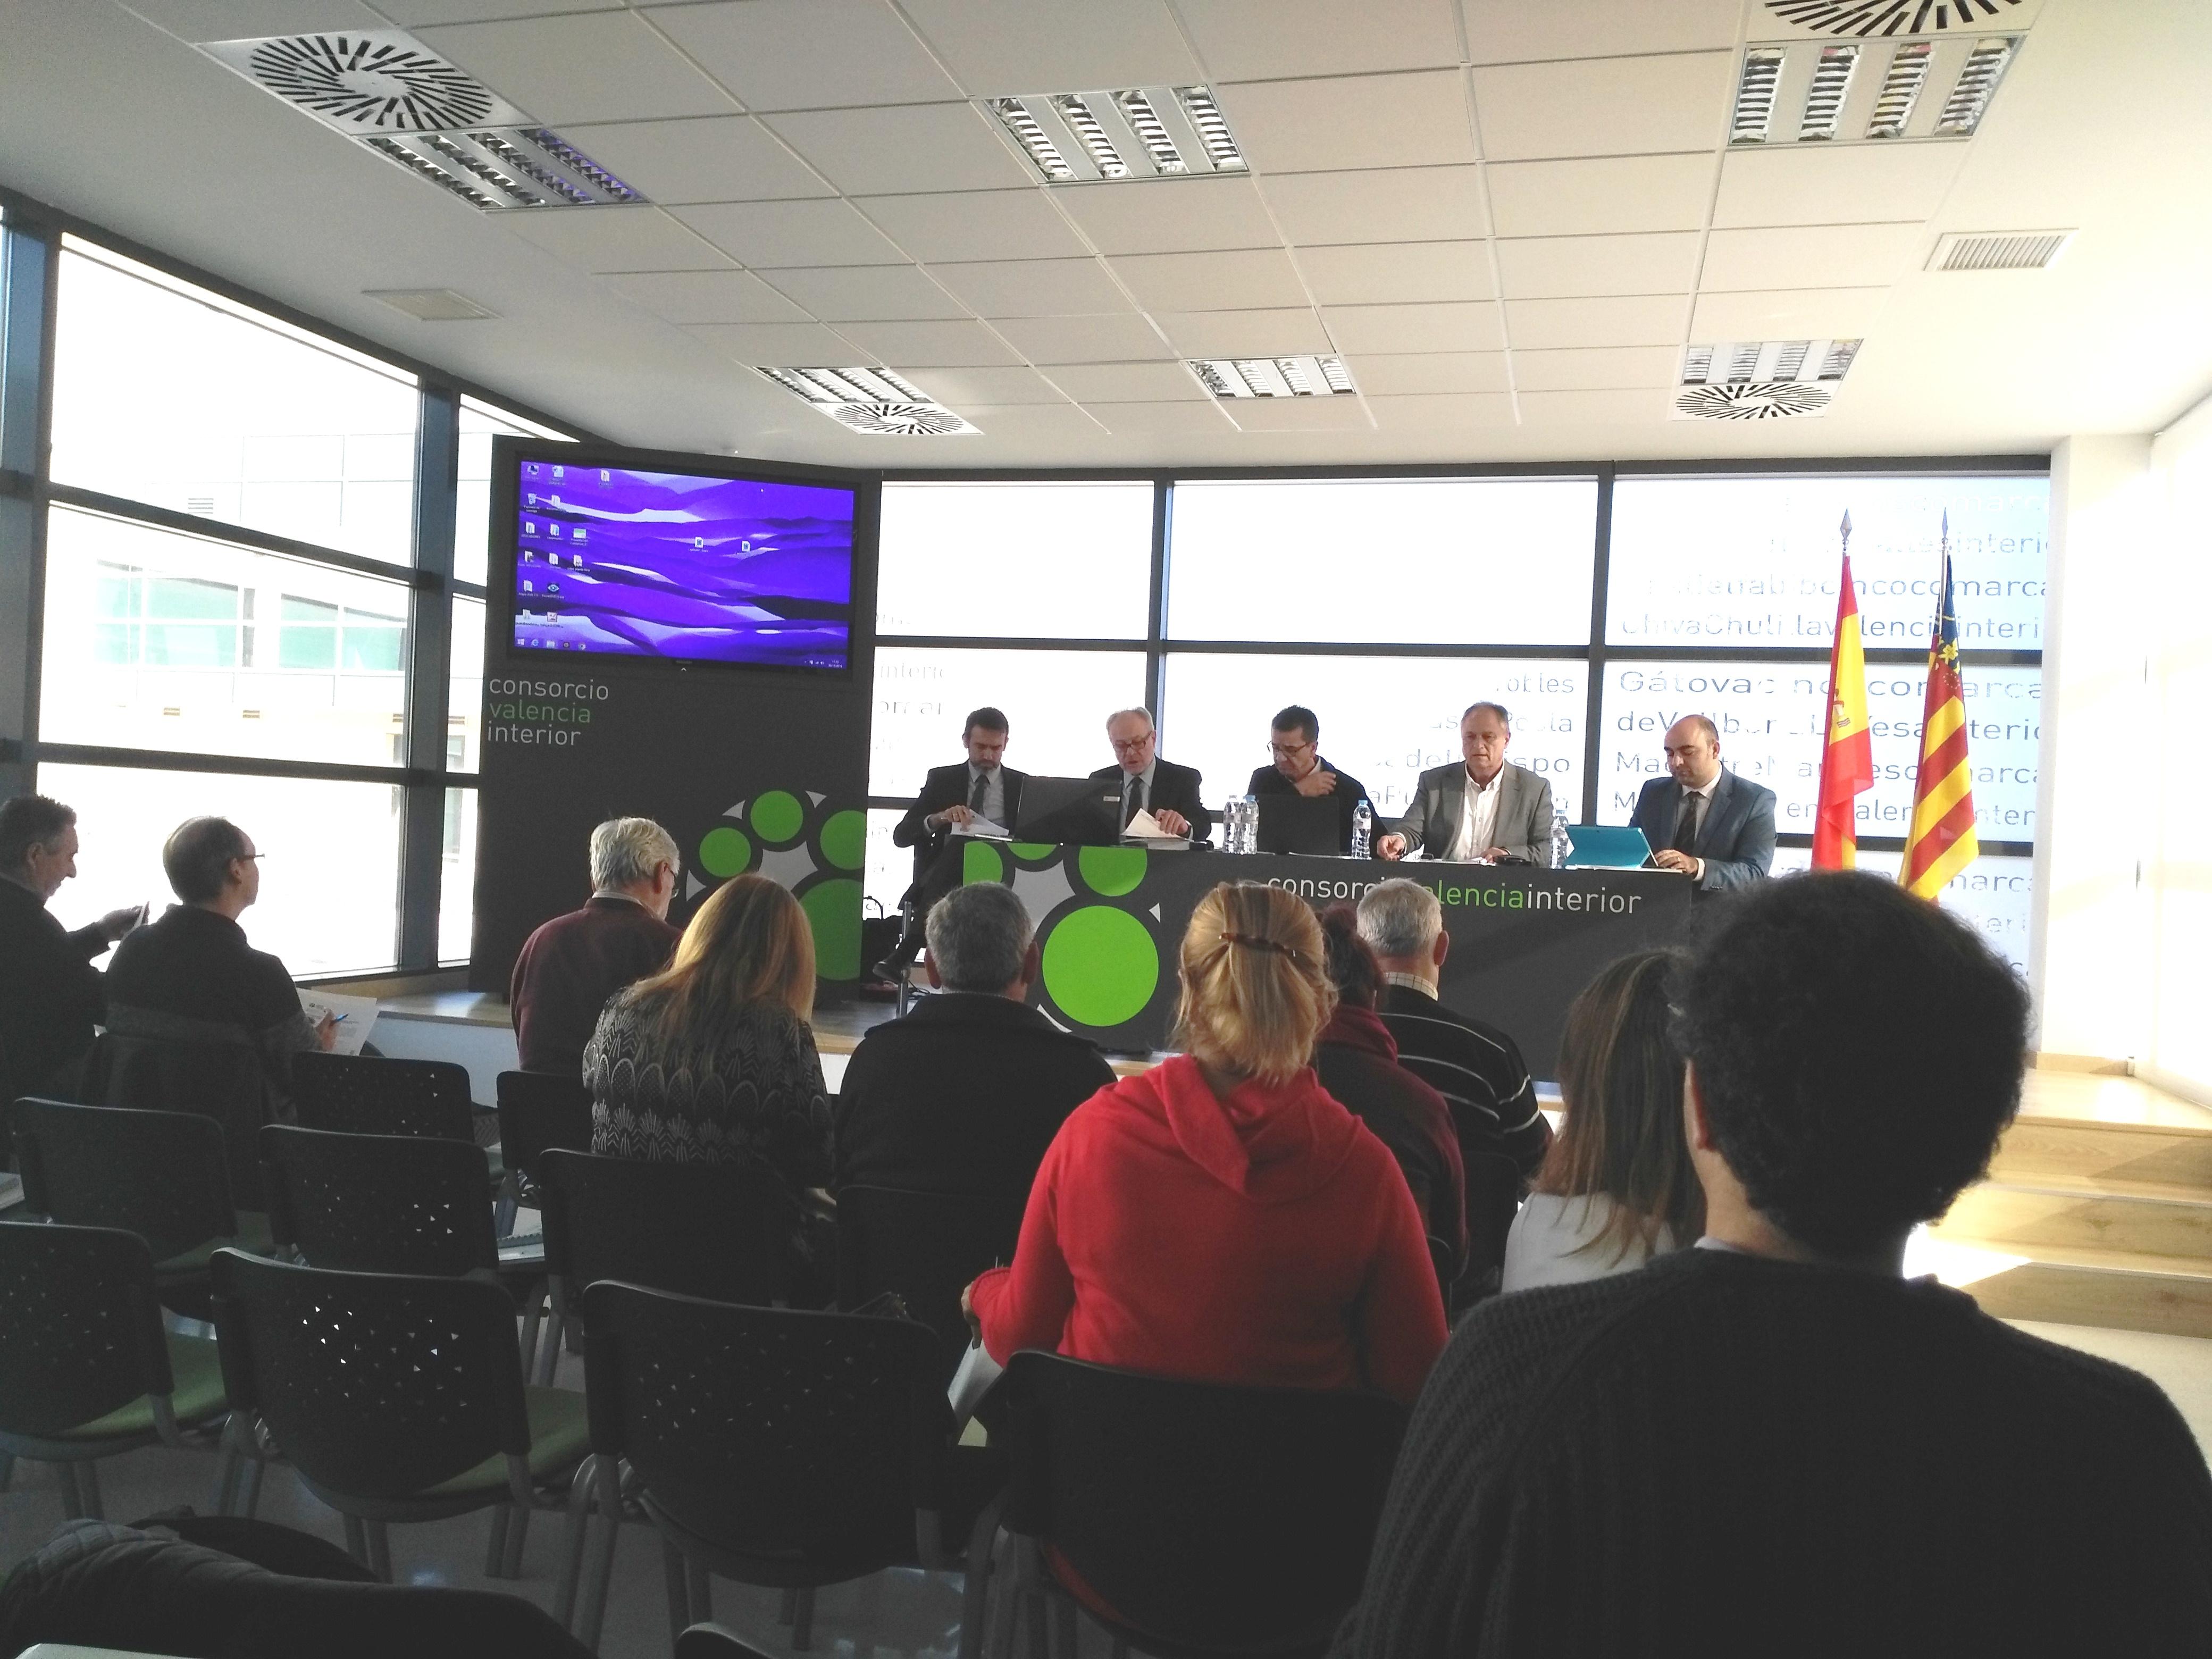 Esta presentación tuvo lugar durante la reunión de la Asamblea General del CVI.